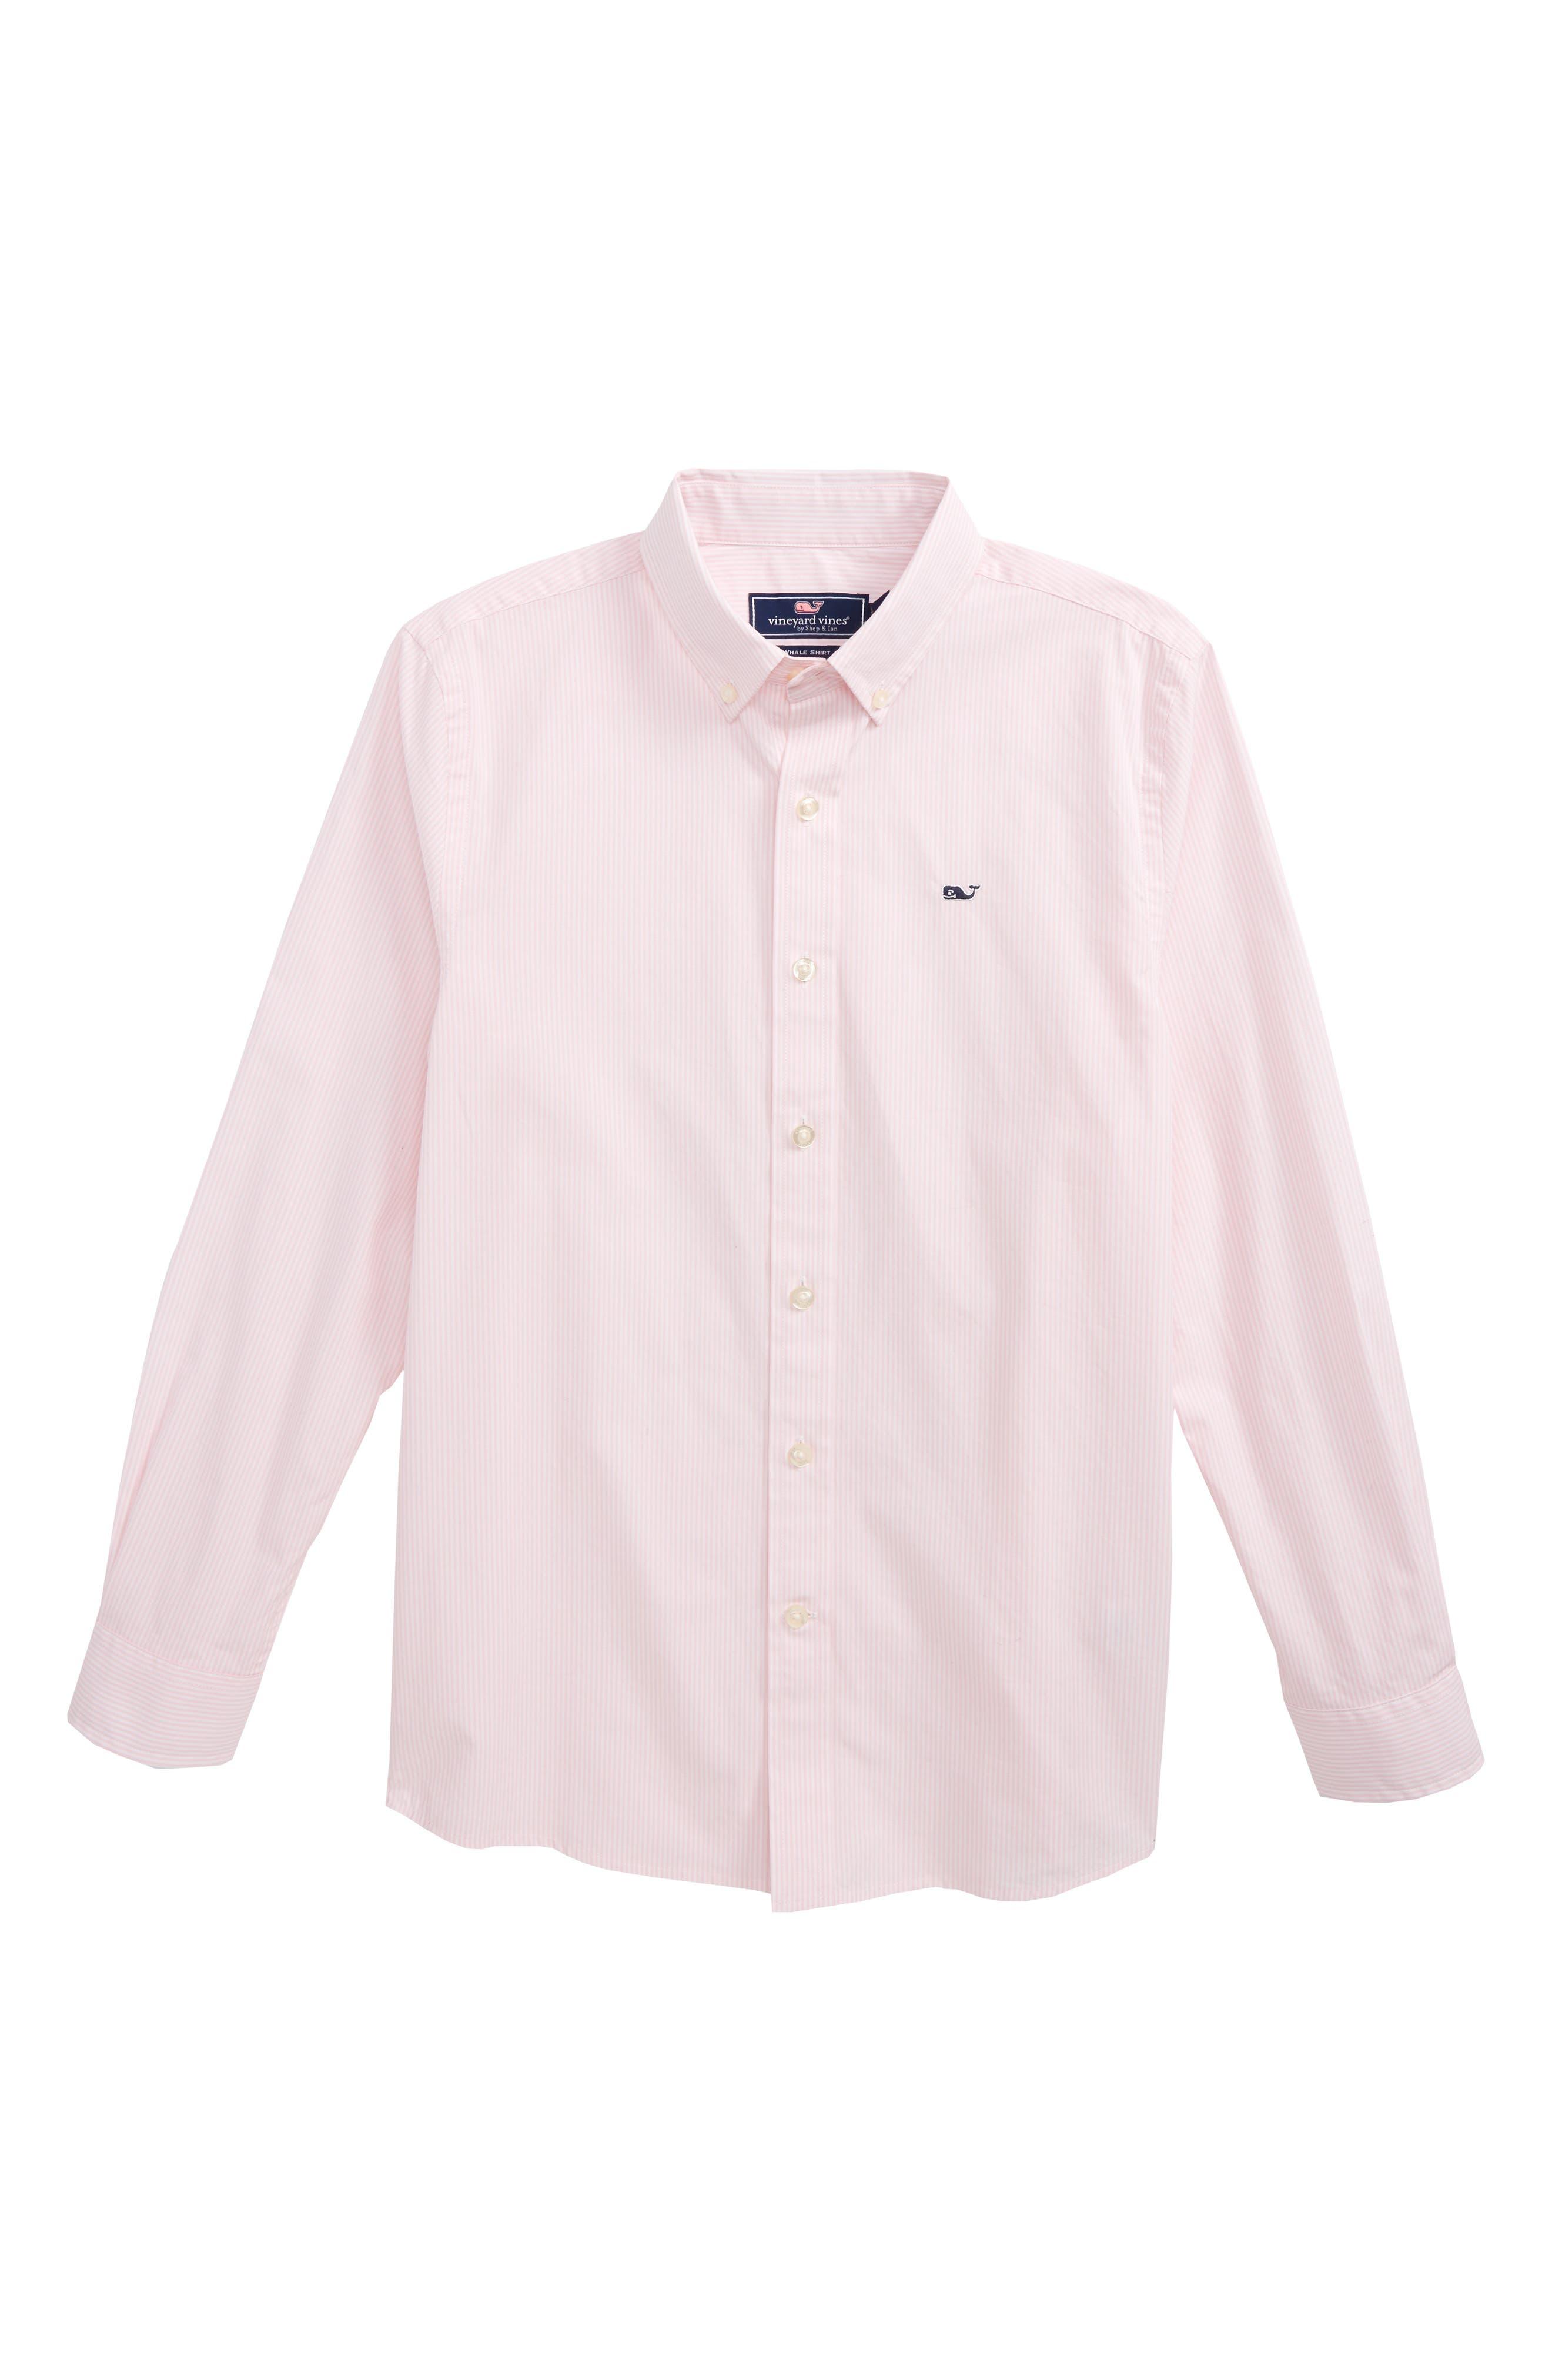 Fine Line Stripe - Whale Woven Shirt,                             Main thumbnail 1, color,                             686